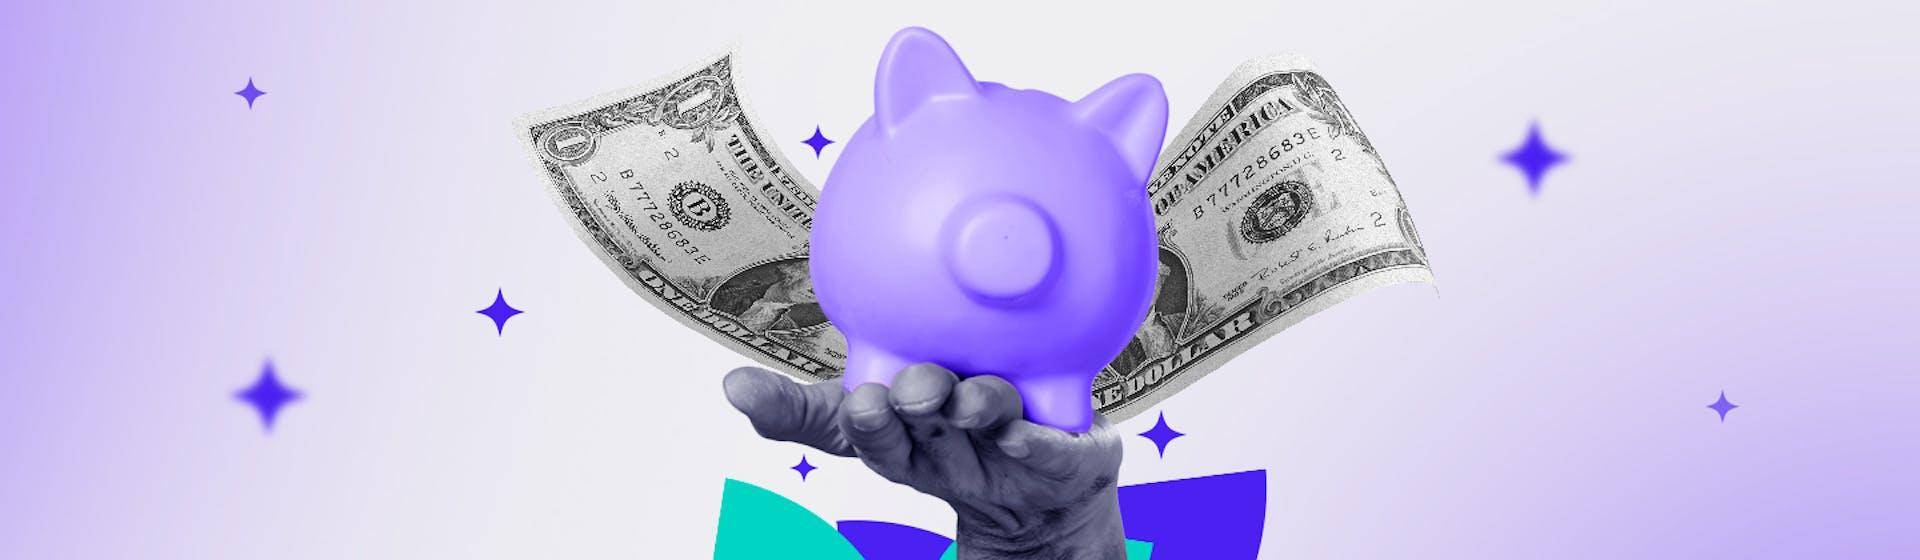 ¿Para qué sirve la educación financiera? + trucos que salvarán tu billetera